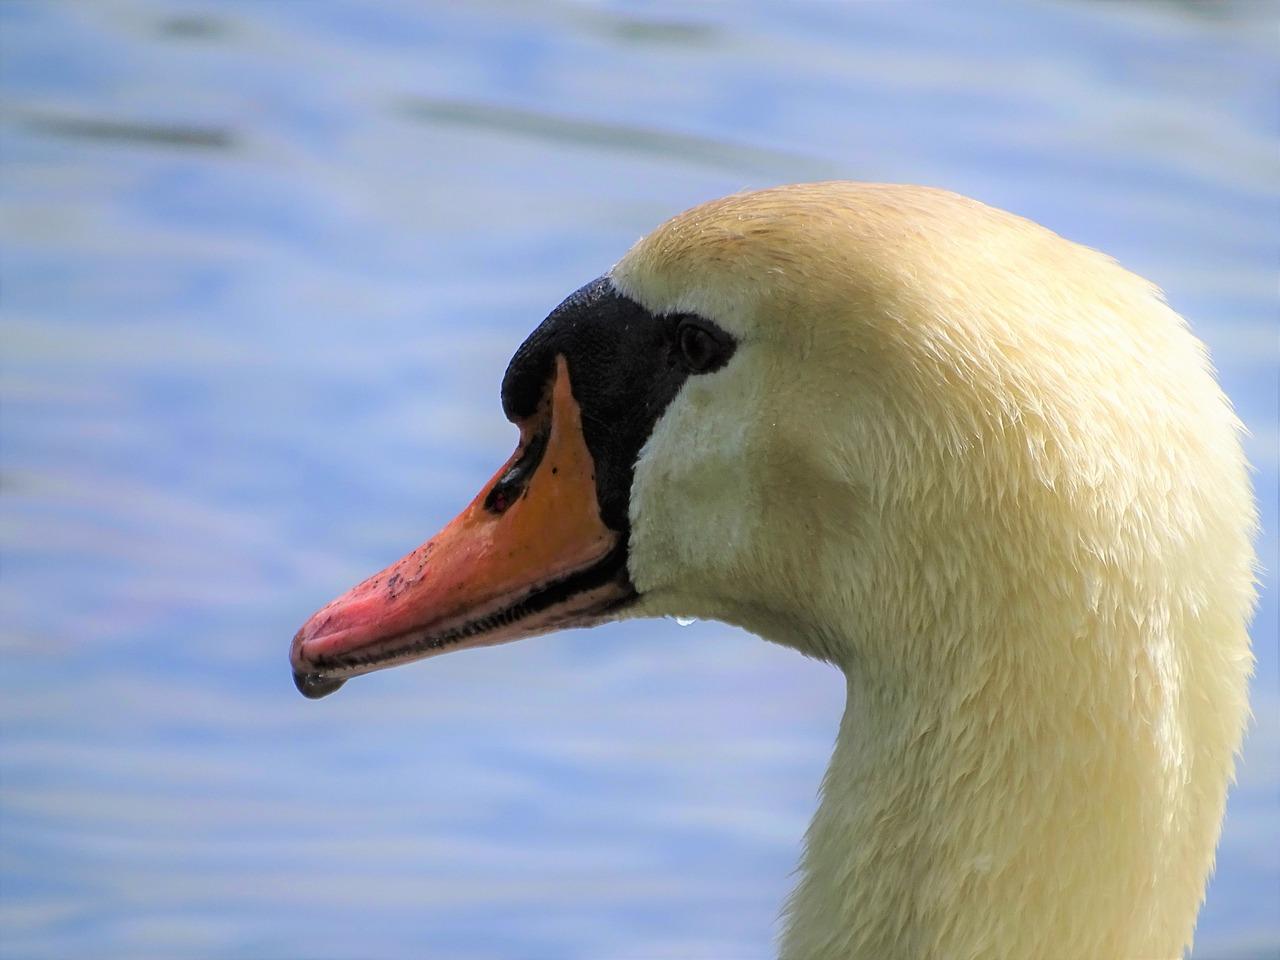 лебедь голова картинка целью